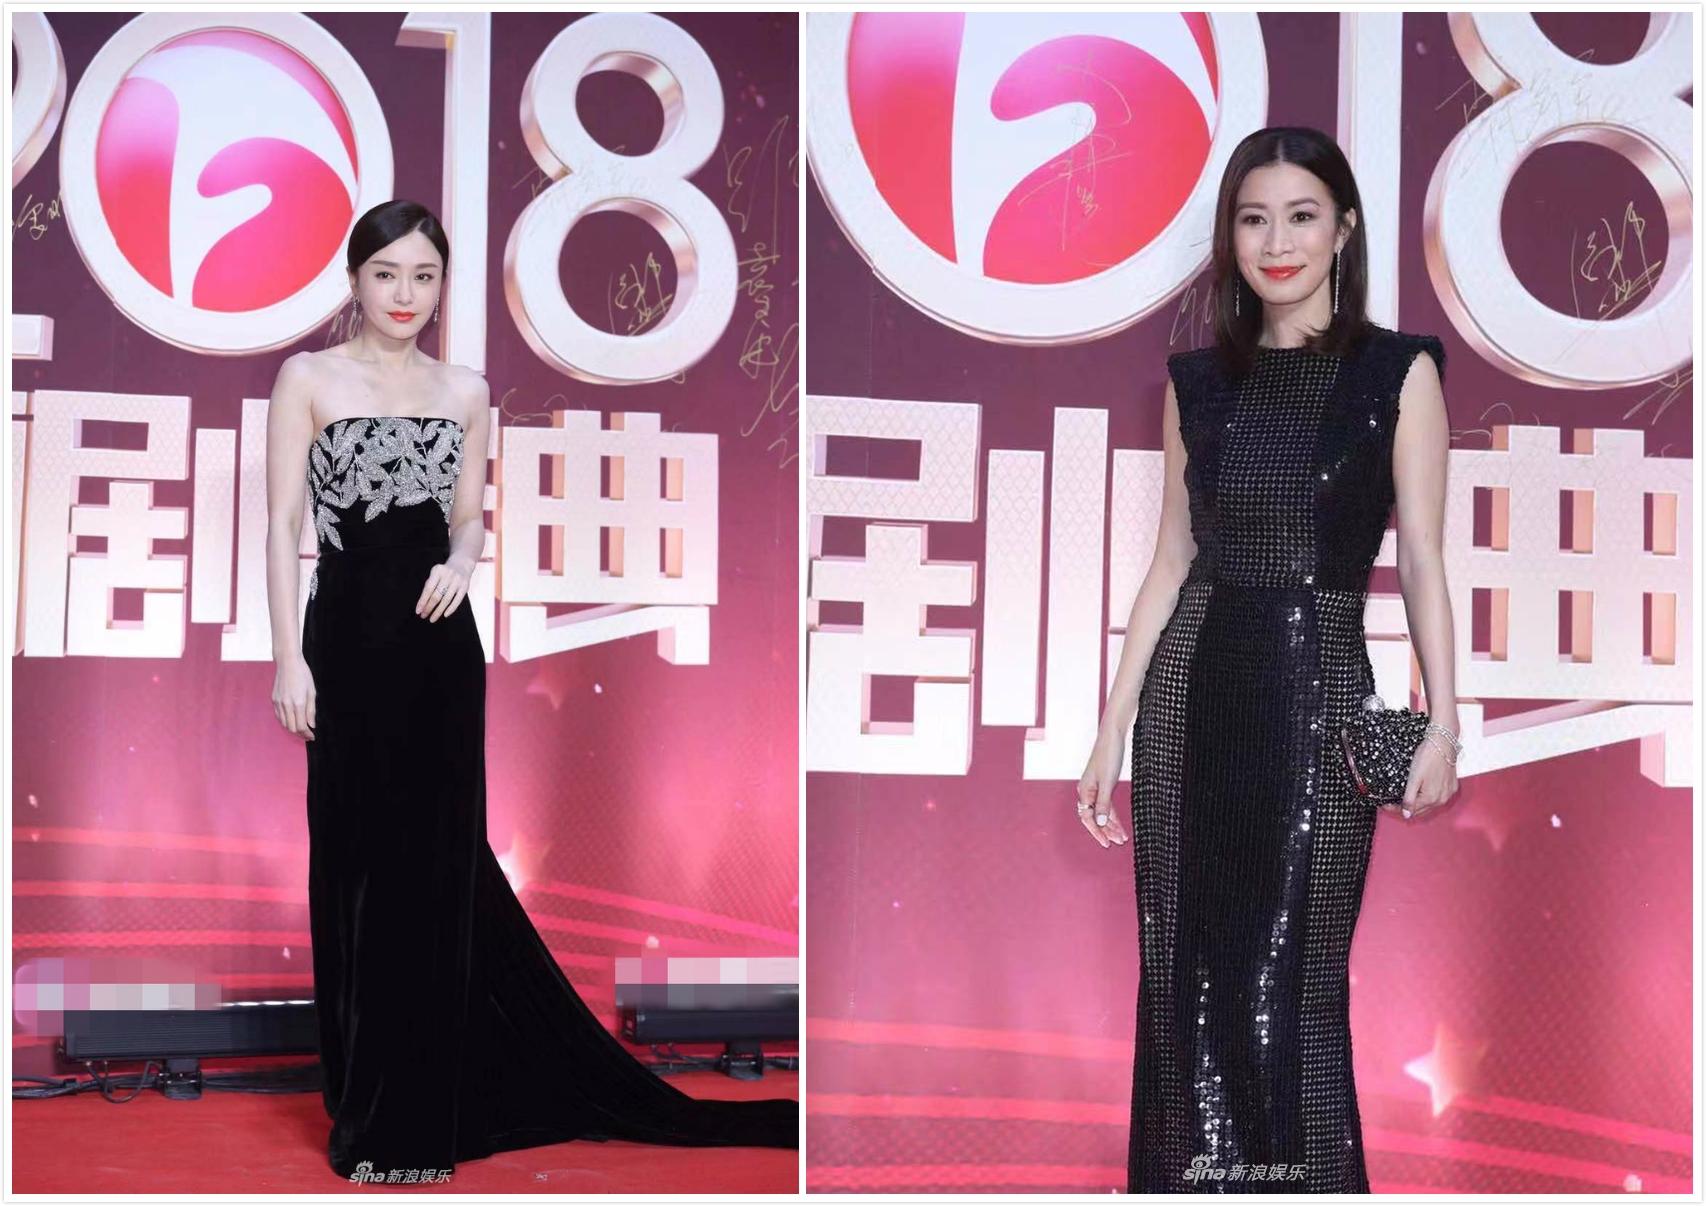 国剧盛典红毯,《延禧攻略》《如懿传》两剧女星PK谁更美?